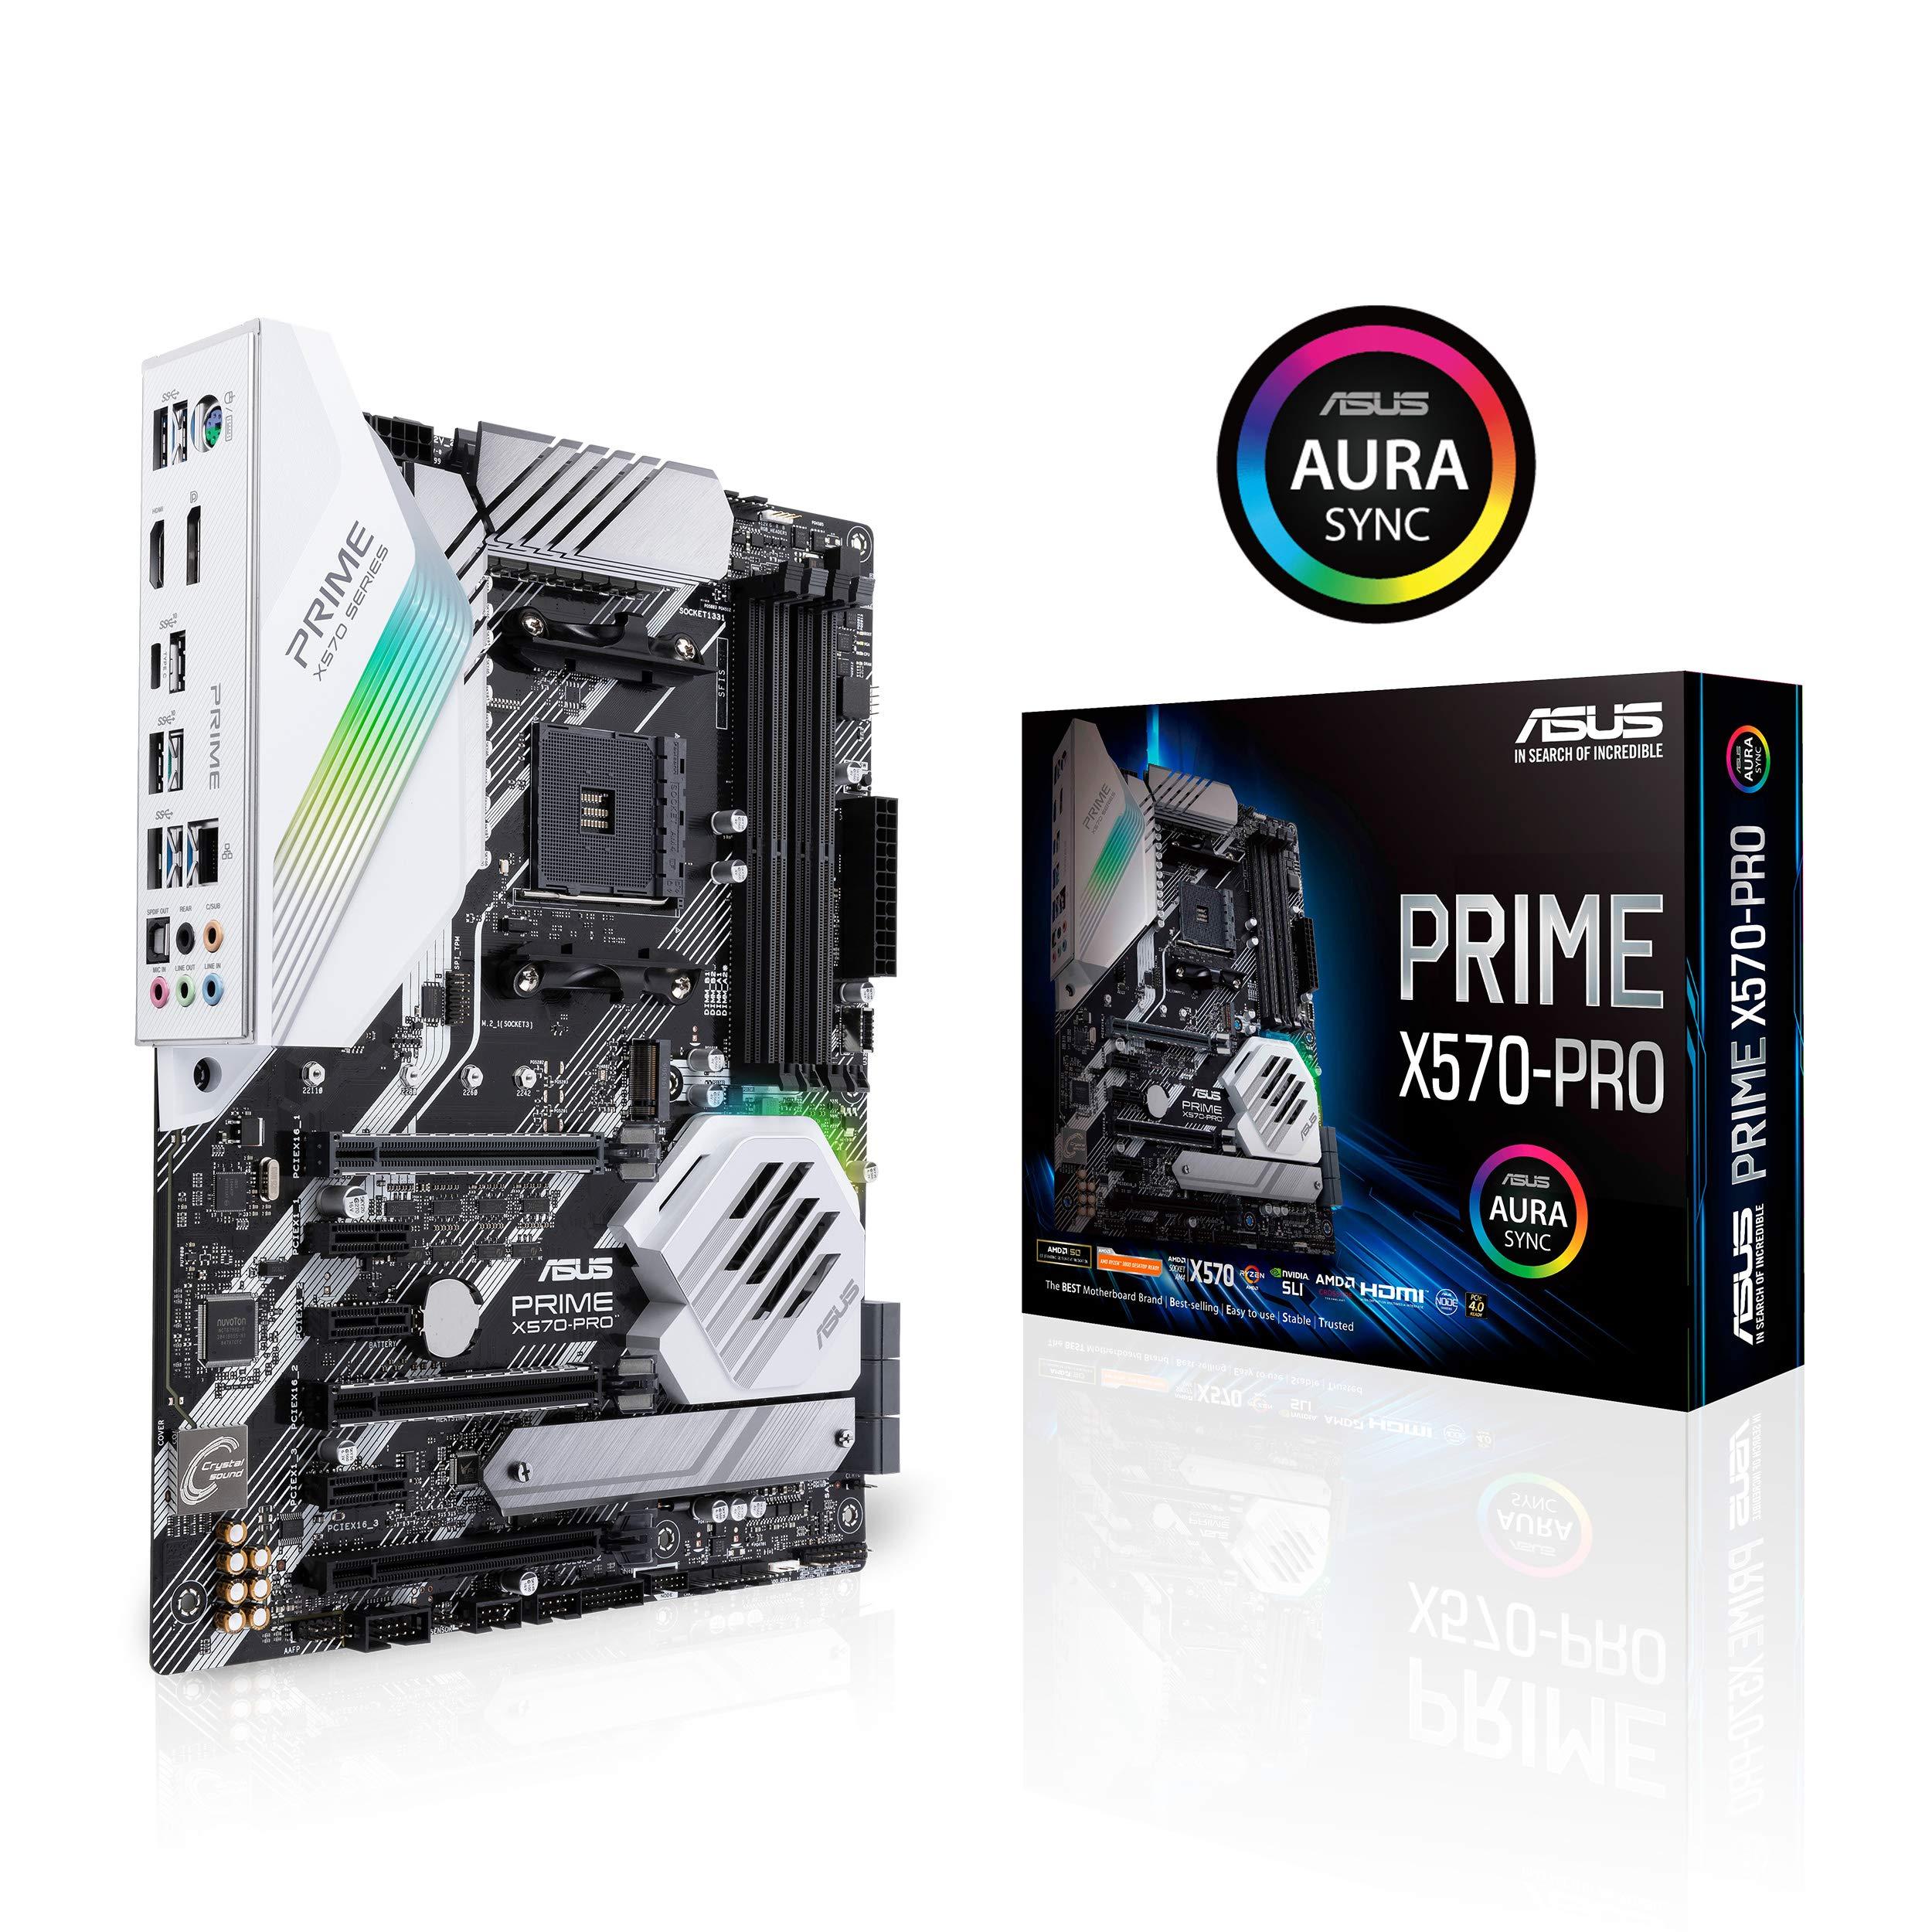 Asus Prime X570-pro Ryzen 3 Am4 With Pcie Gen4, Dual M.2 ...